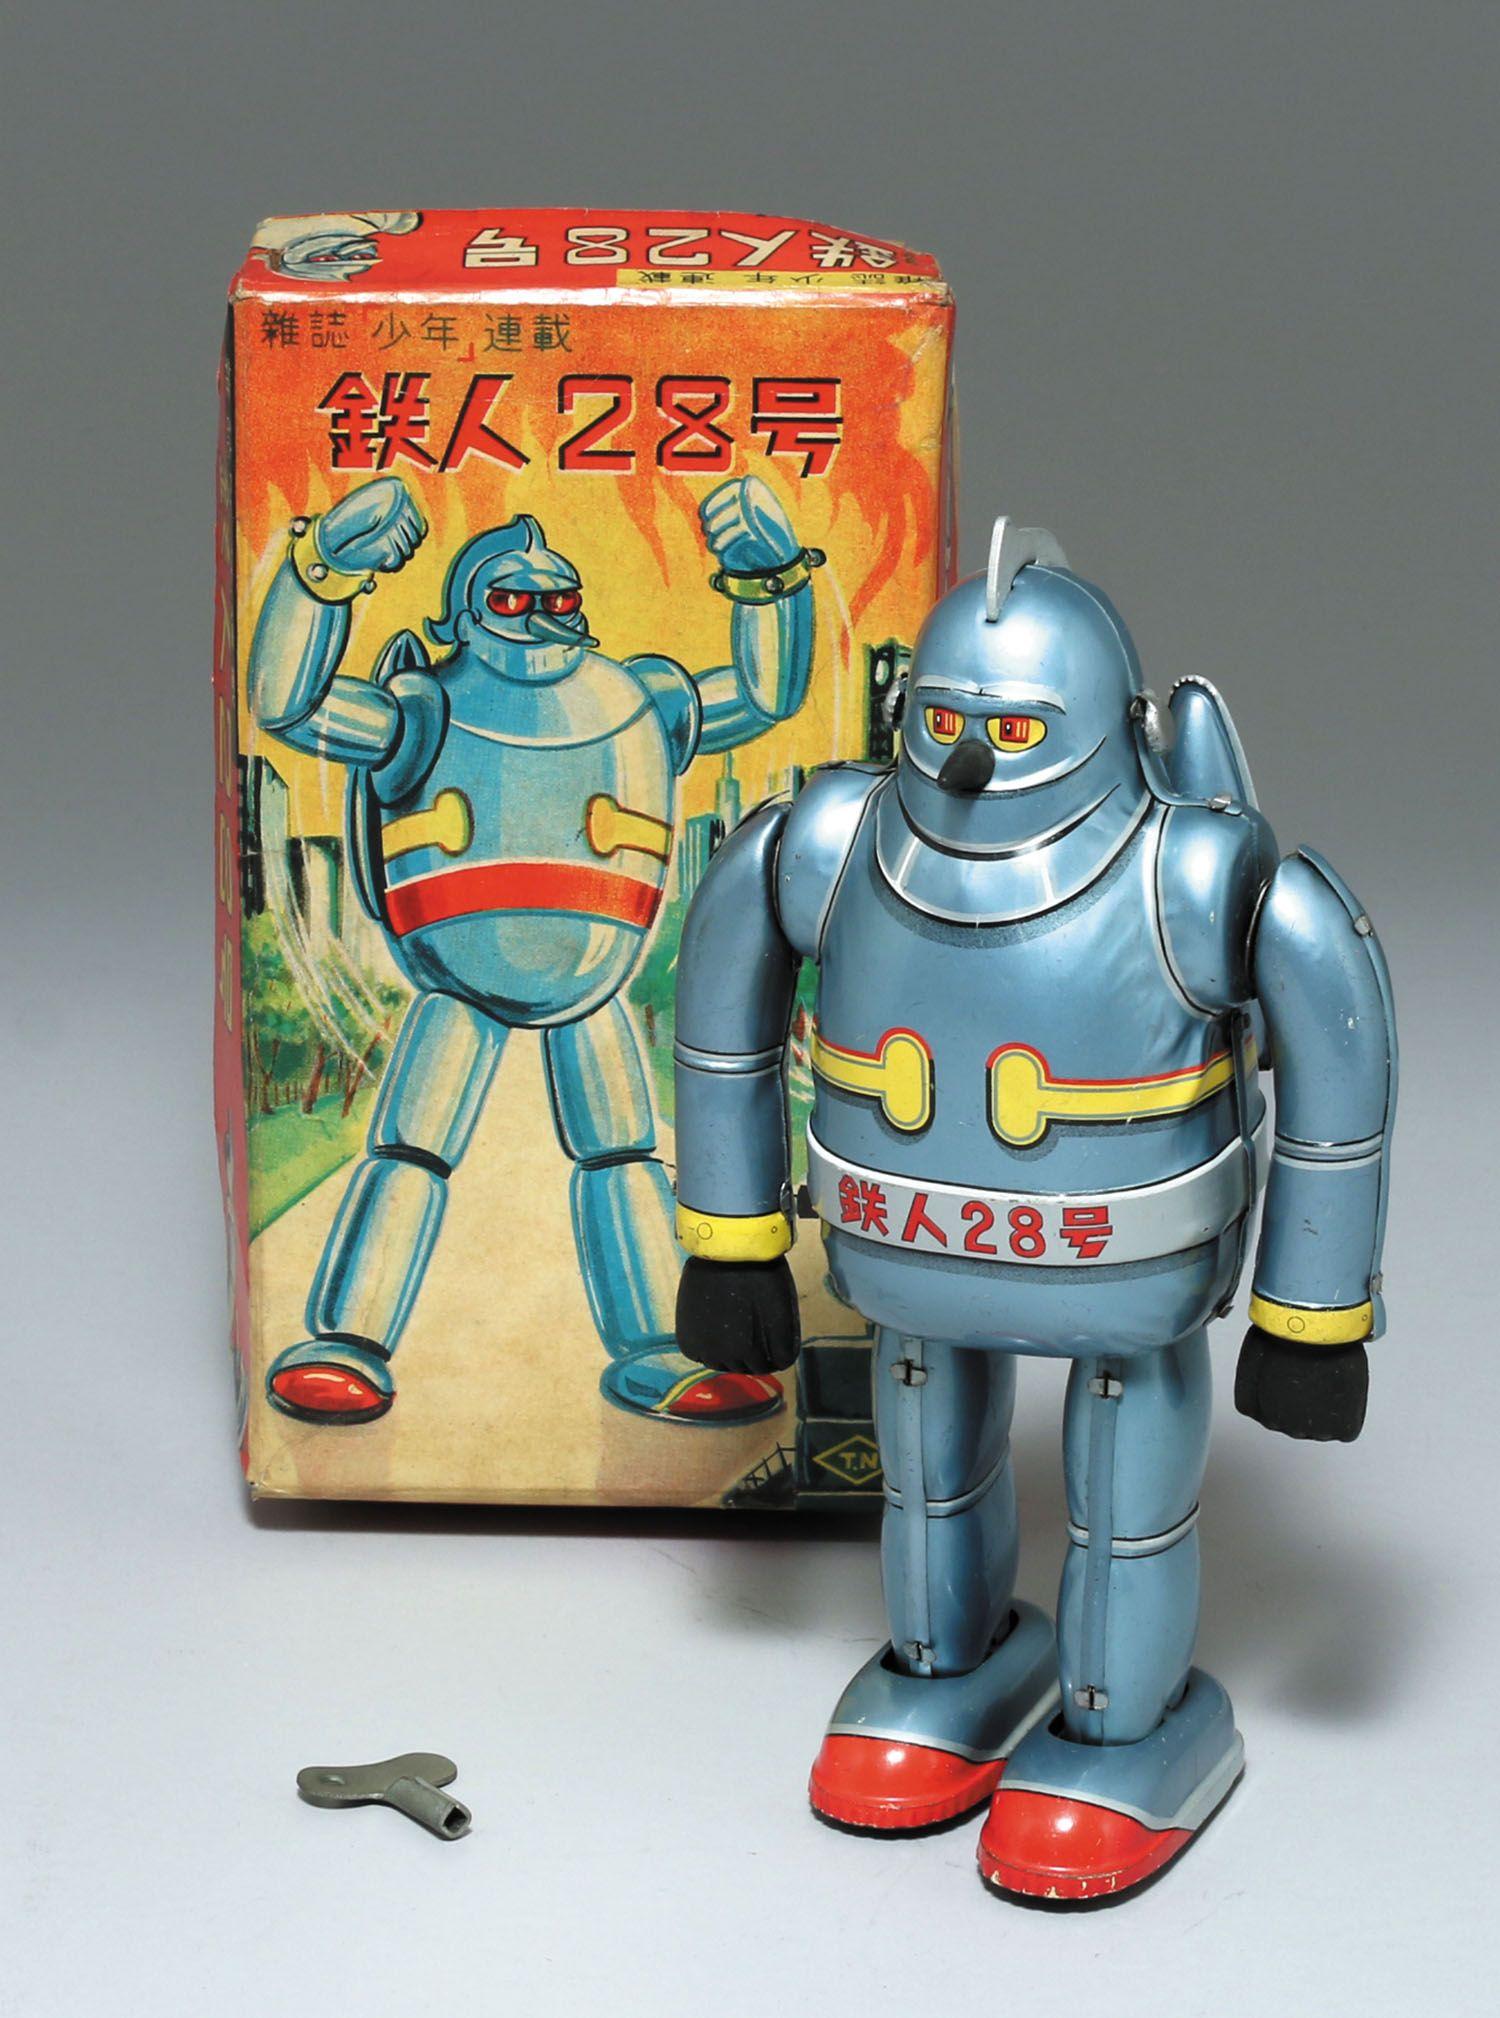 野村トーイ ブリキゼンマイ鉄人28号 グレーメタル アンティークのおもちゃ 日本のおもちゃ レトロなおもちゃ